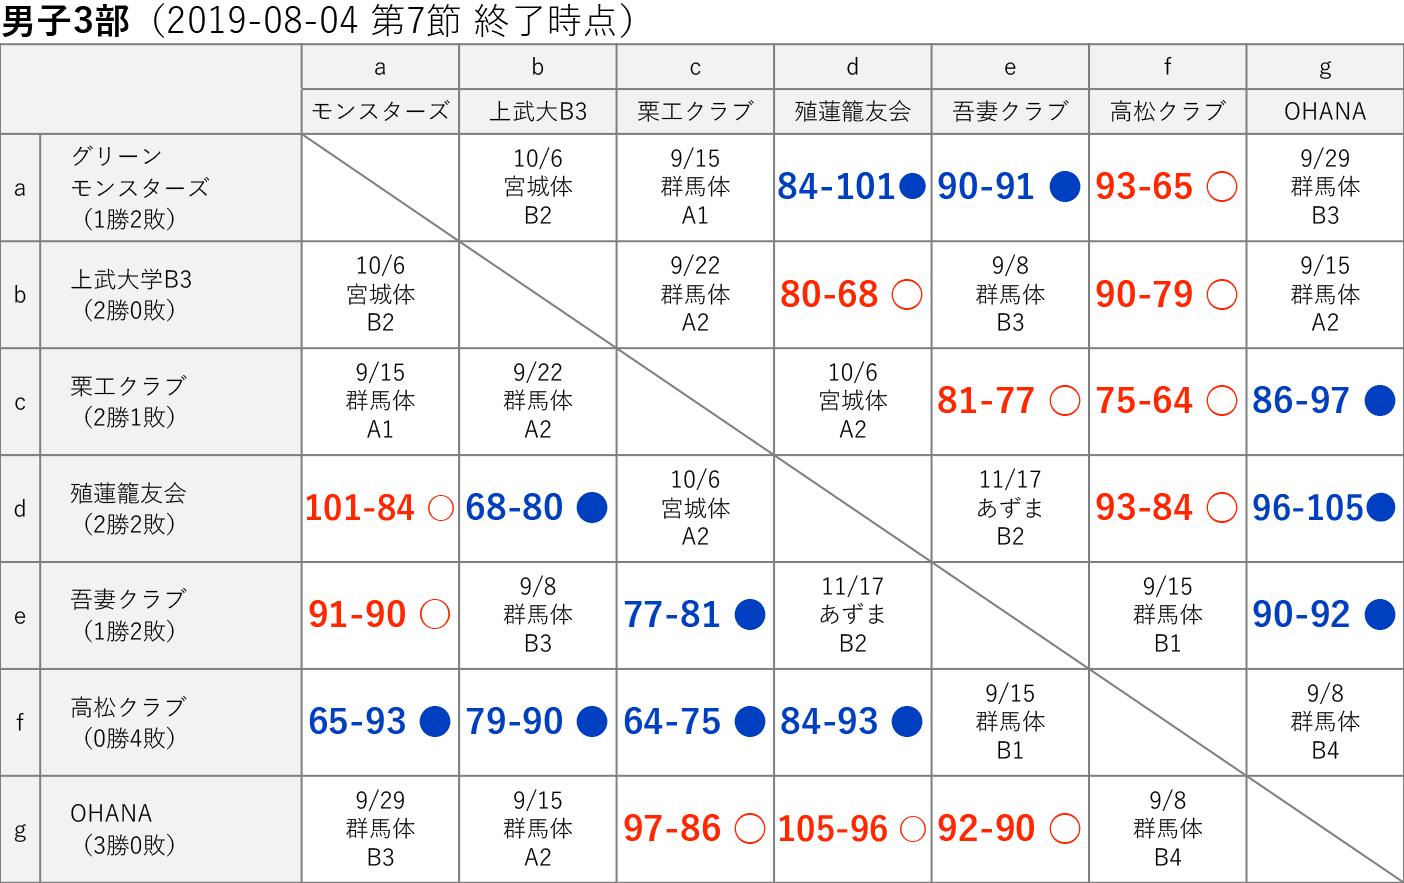 男子3部 星取り表 2019-08-04